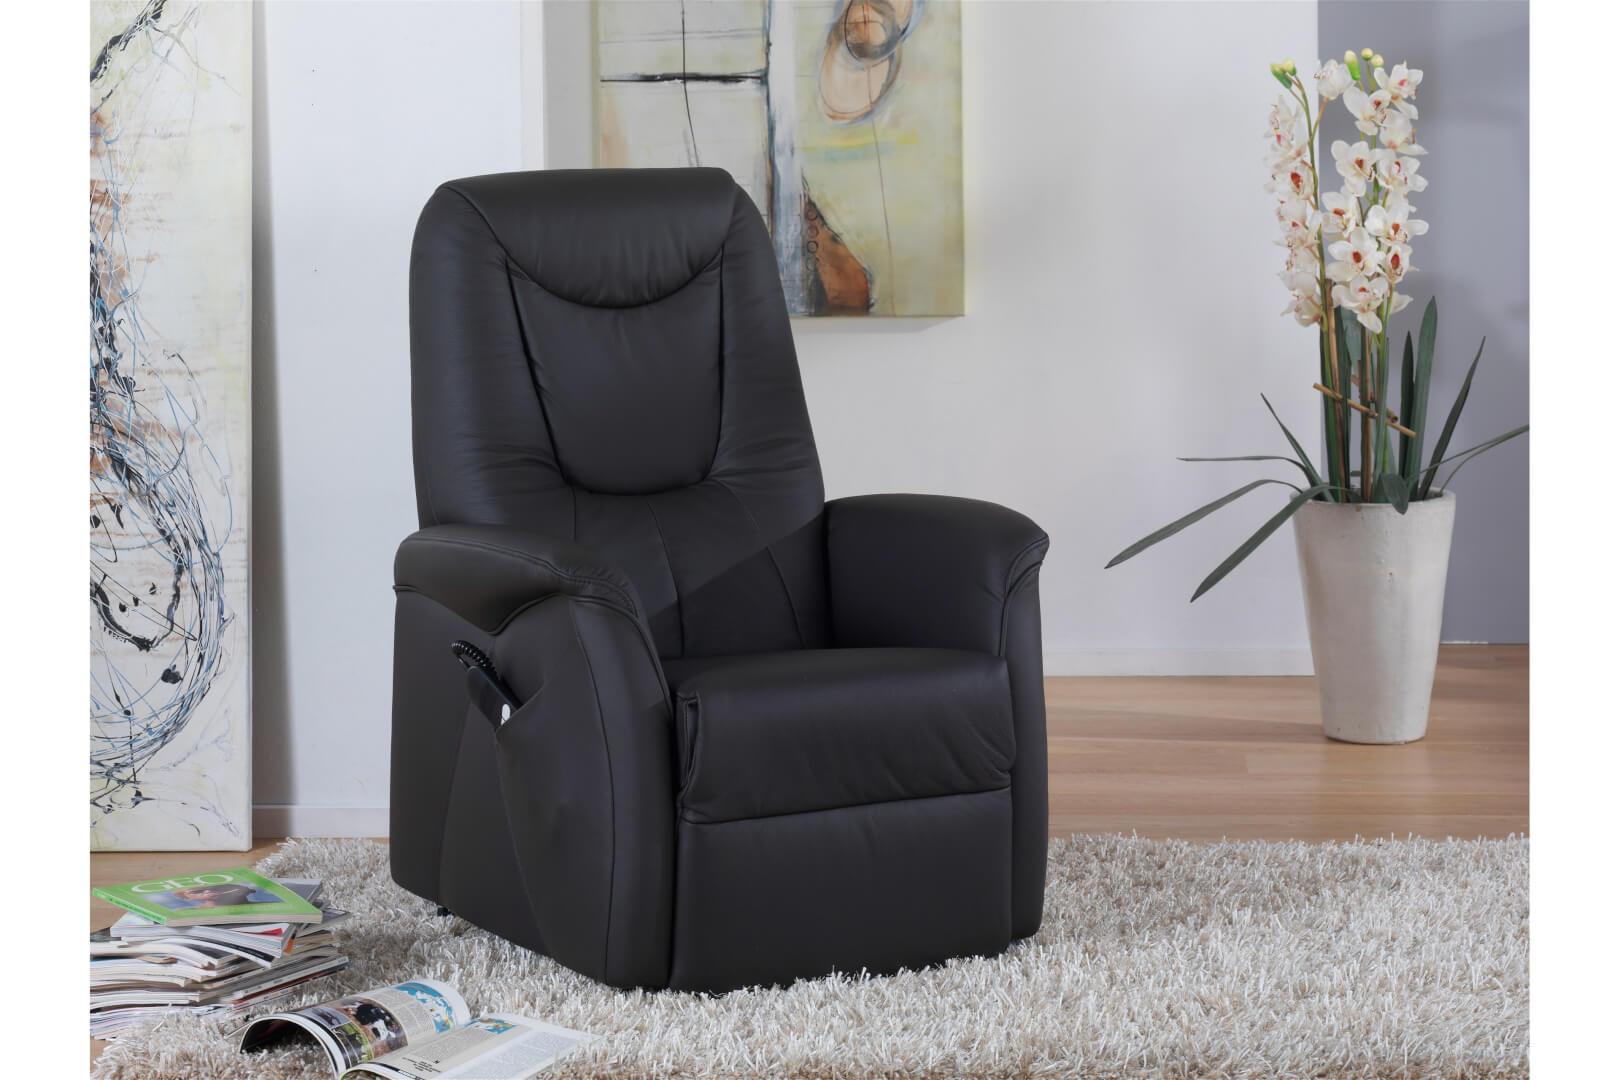 9771 TV-Sessel - 43 - 1-motorisch mit Aufstehhilfe - Nuvano Impala - Schlamm